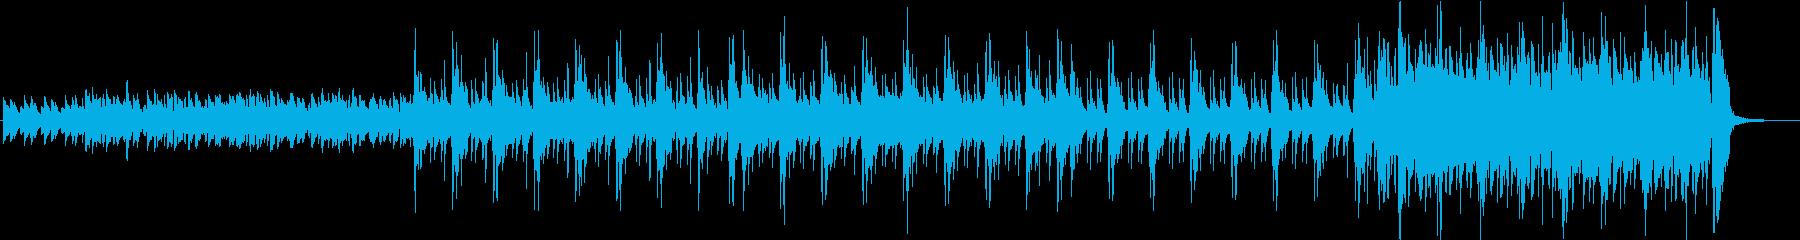 異国情緒あふれるケルト音楽の再生済みの波形